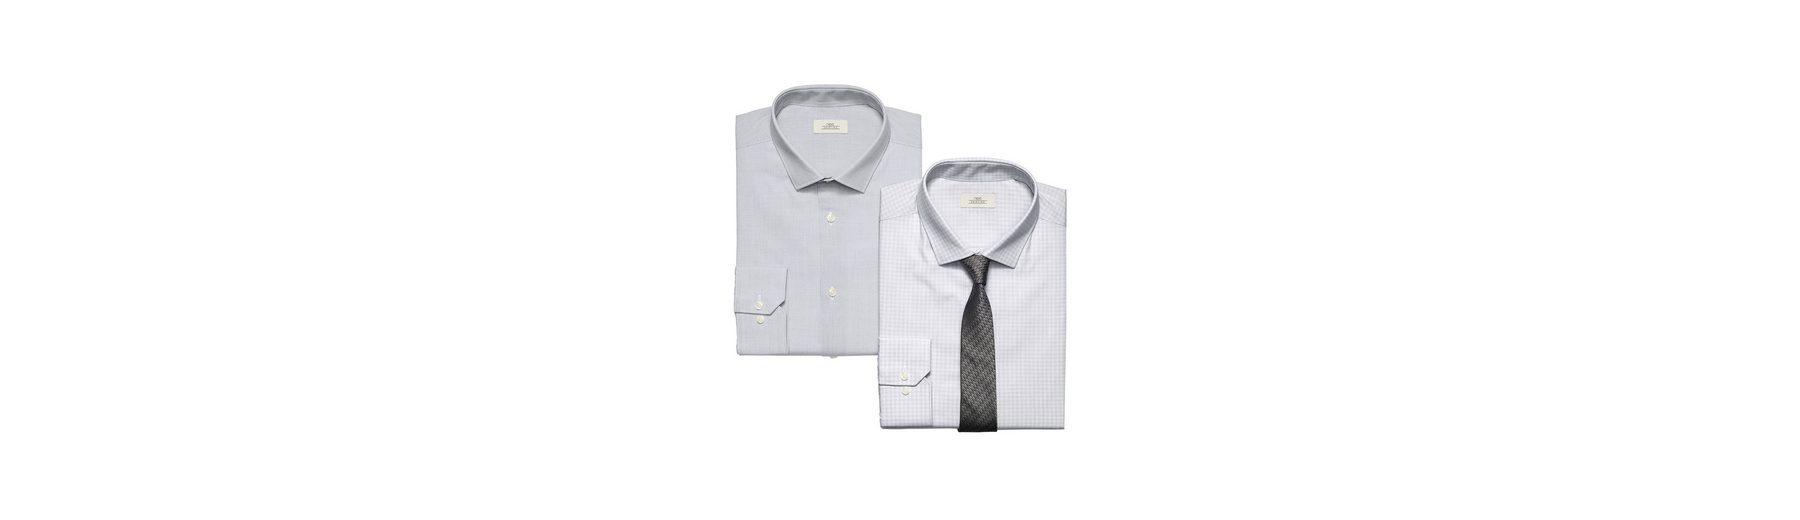 Next Regular-Fit-Hemden mit Krawatte, grau, 2er-Pack